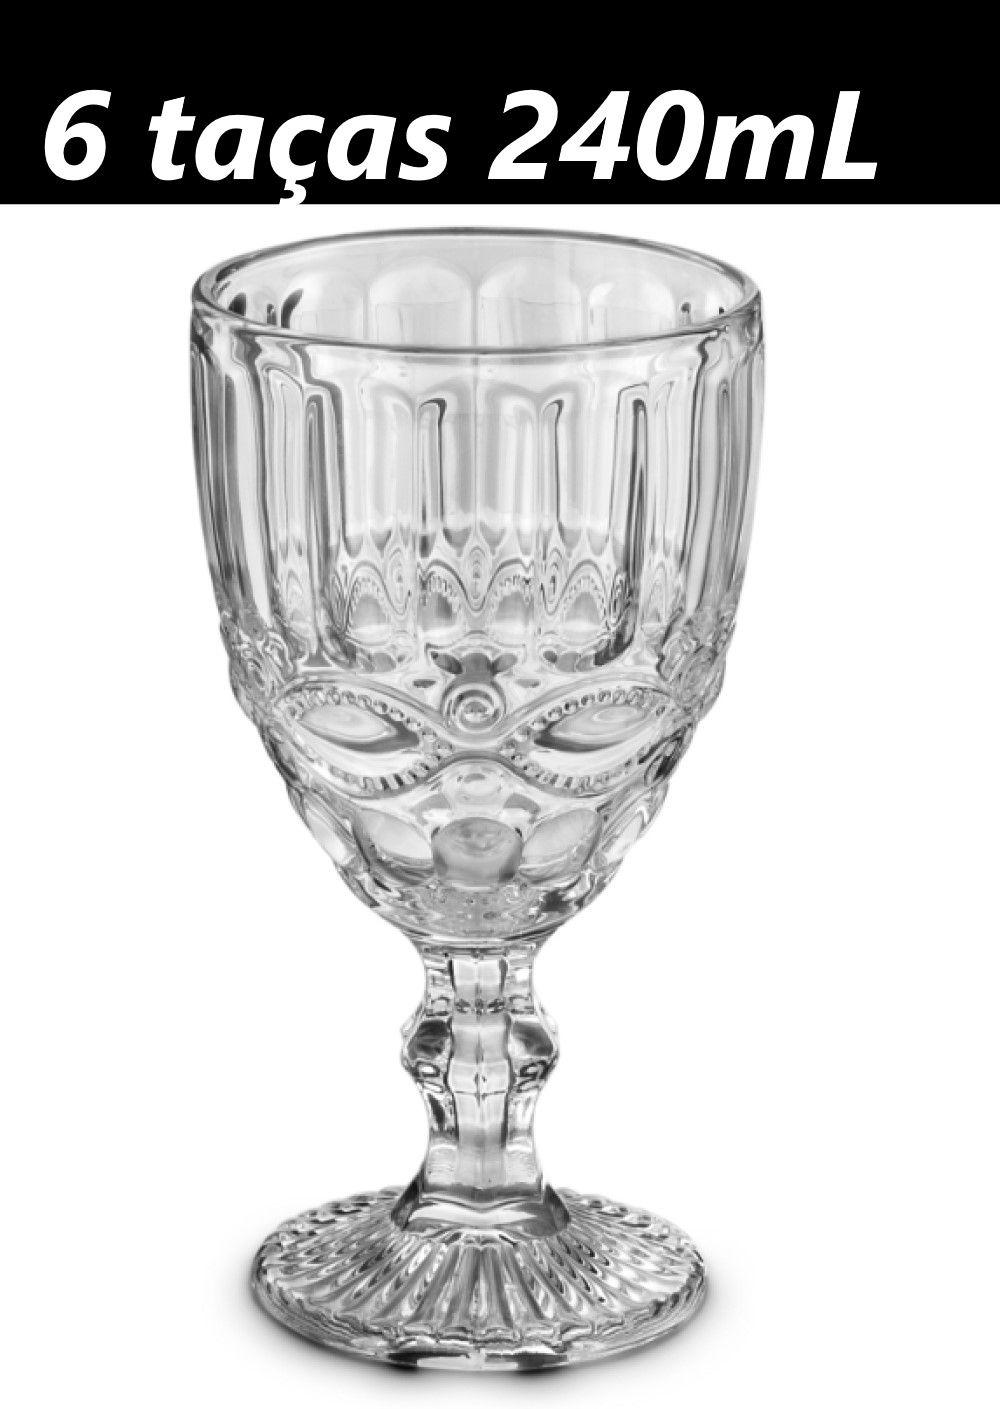 taça de água de vidro 240mL taça para vinho sucos drinks